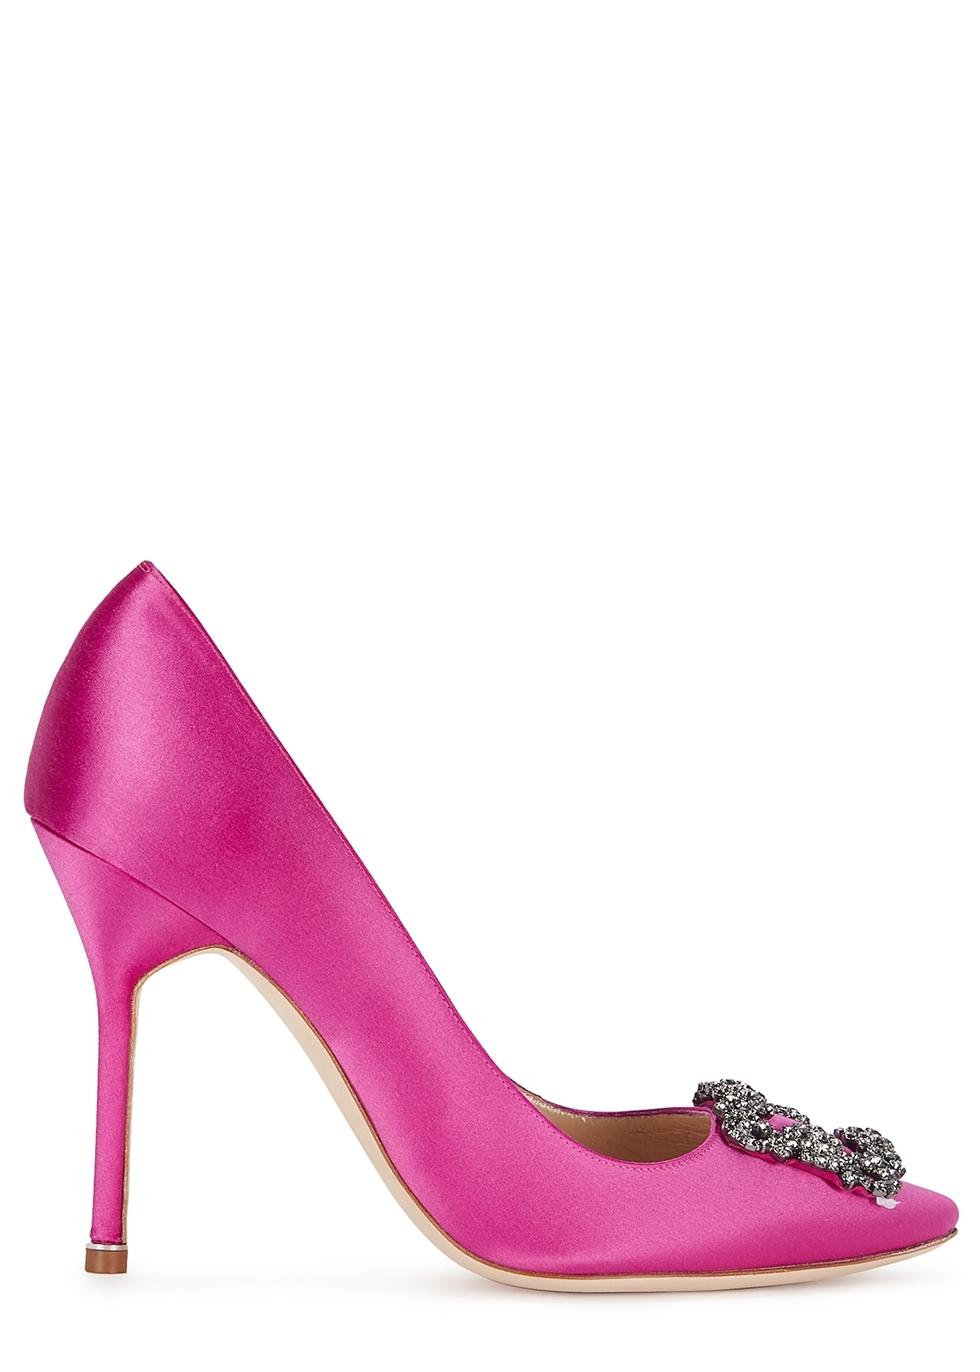 6220bd539 Manolo Blahnik Shoes, Heels, Pumps, Sandals - Harvey Nichols